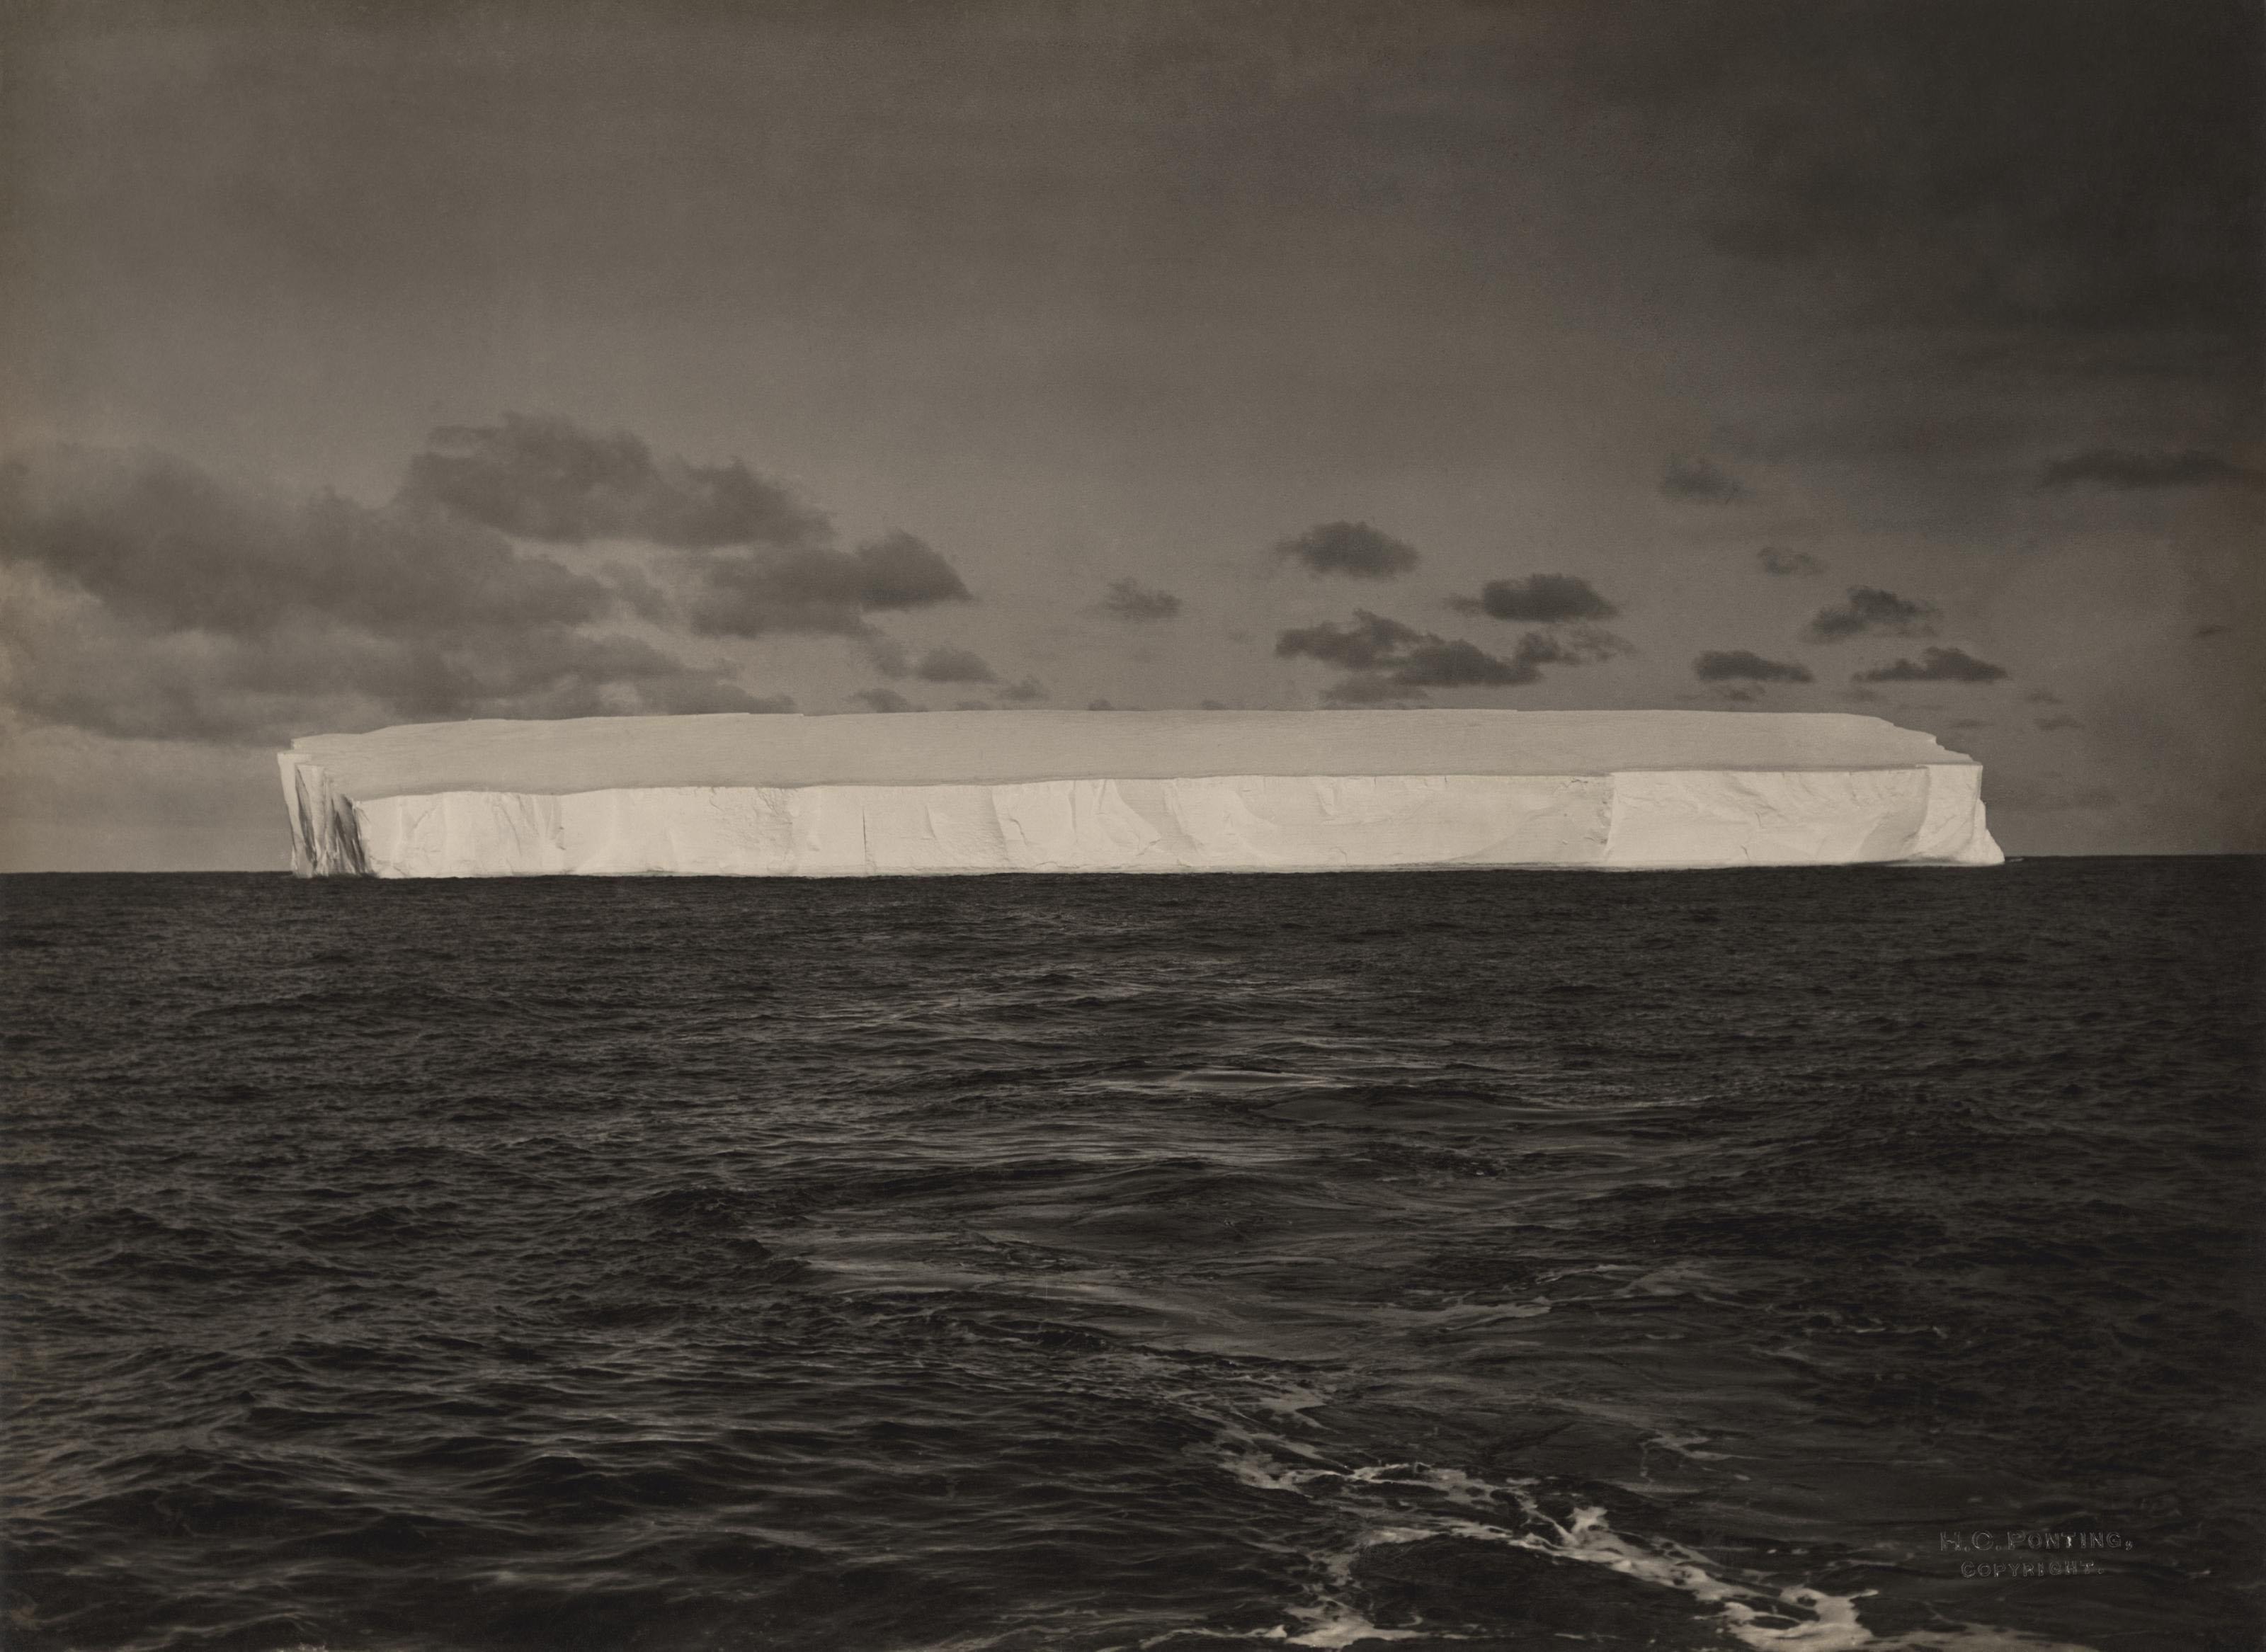 Iceberg, Antarctica, c. 1911